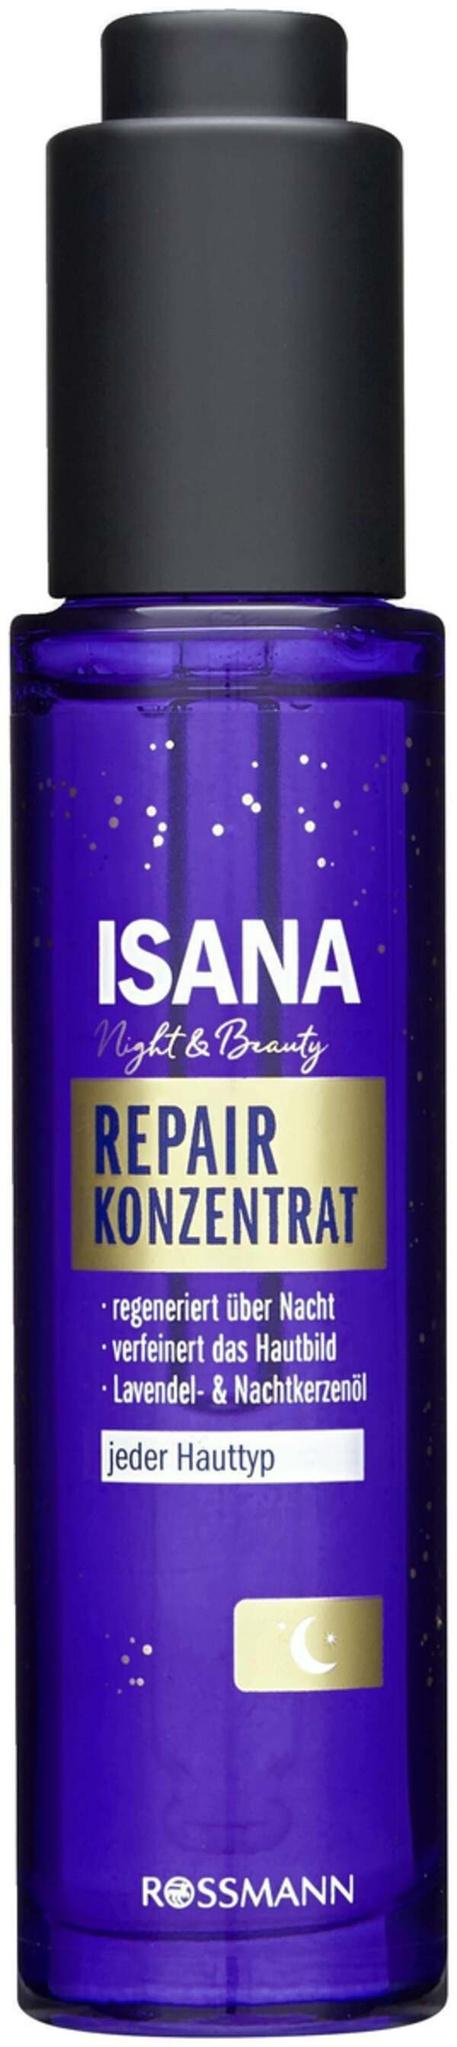 Isana Night & Beauty Repair Konzentrat Night Serum